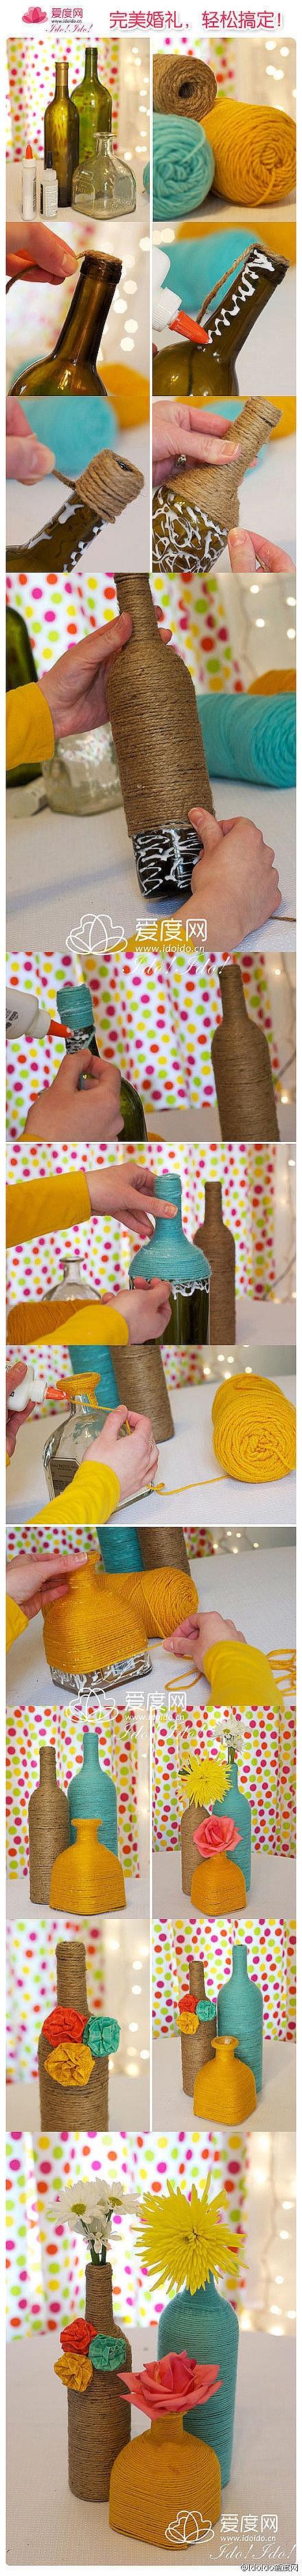 Como hacer jarrones con botellas y cuerda de embalaje